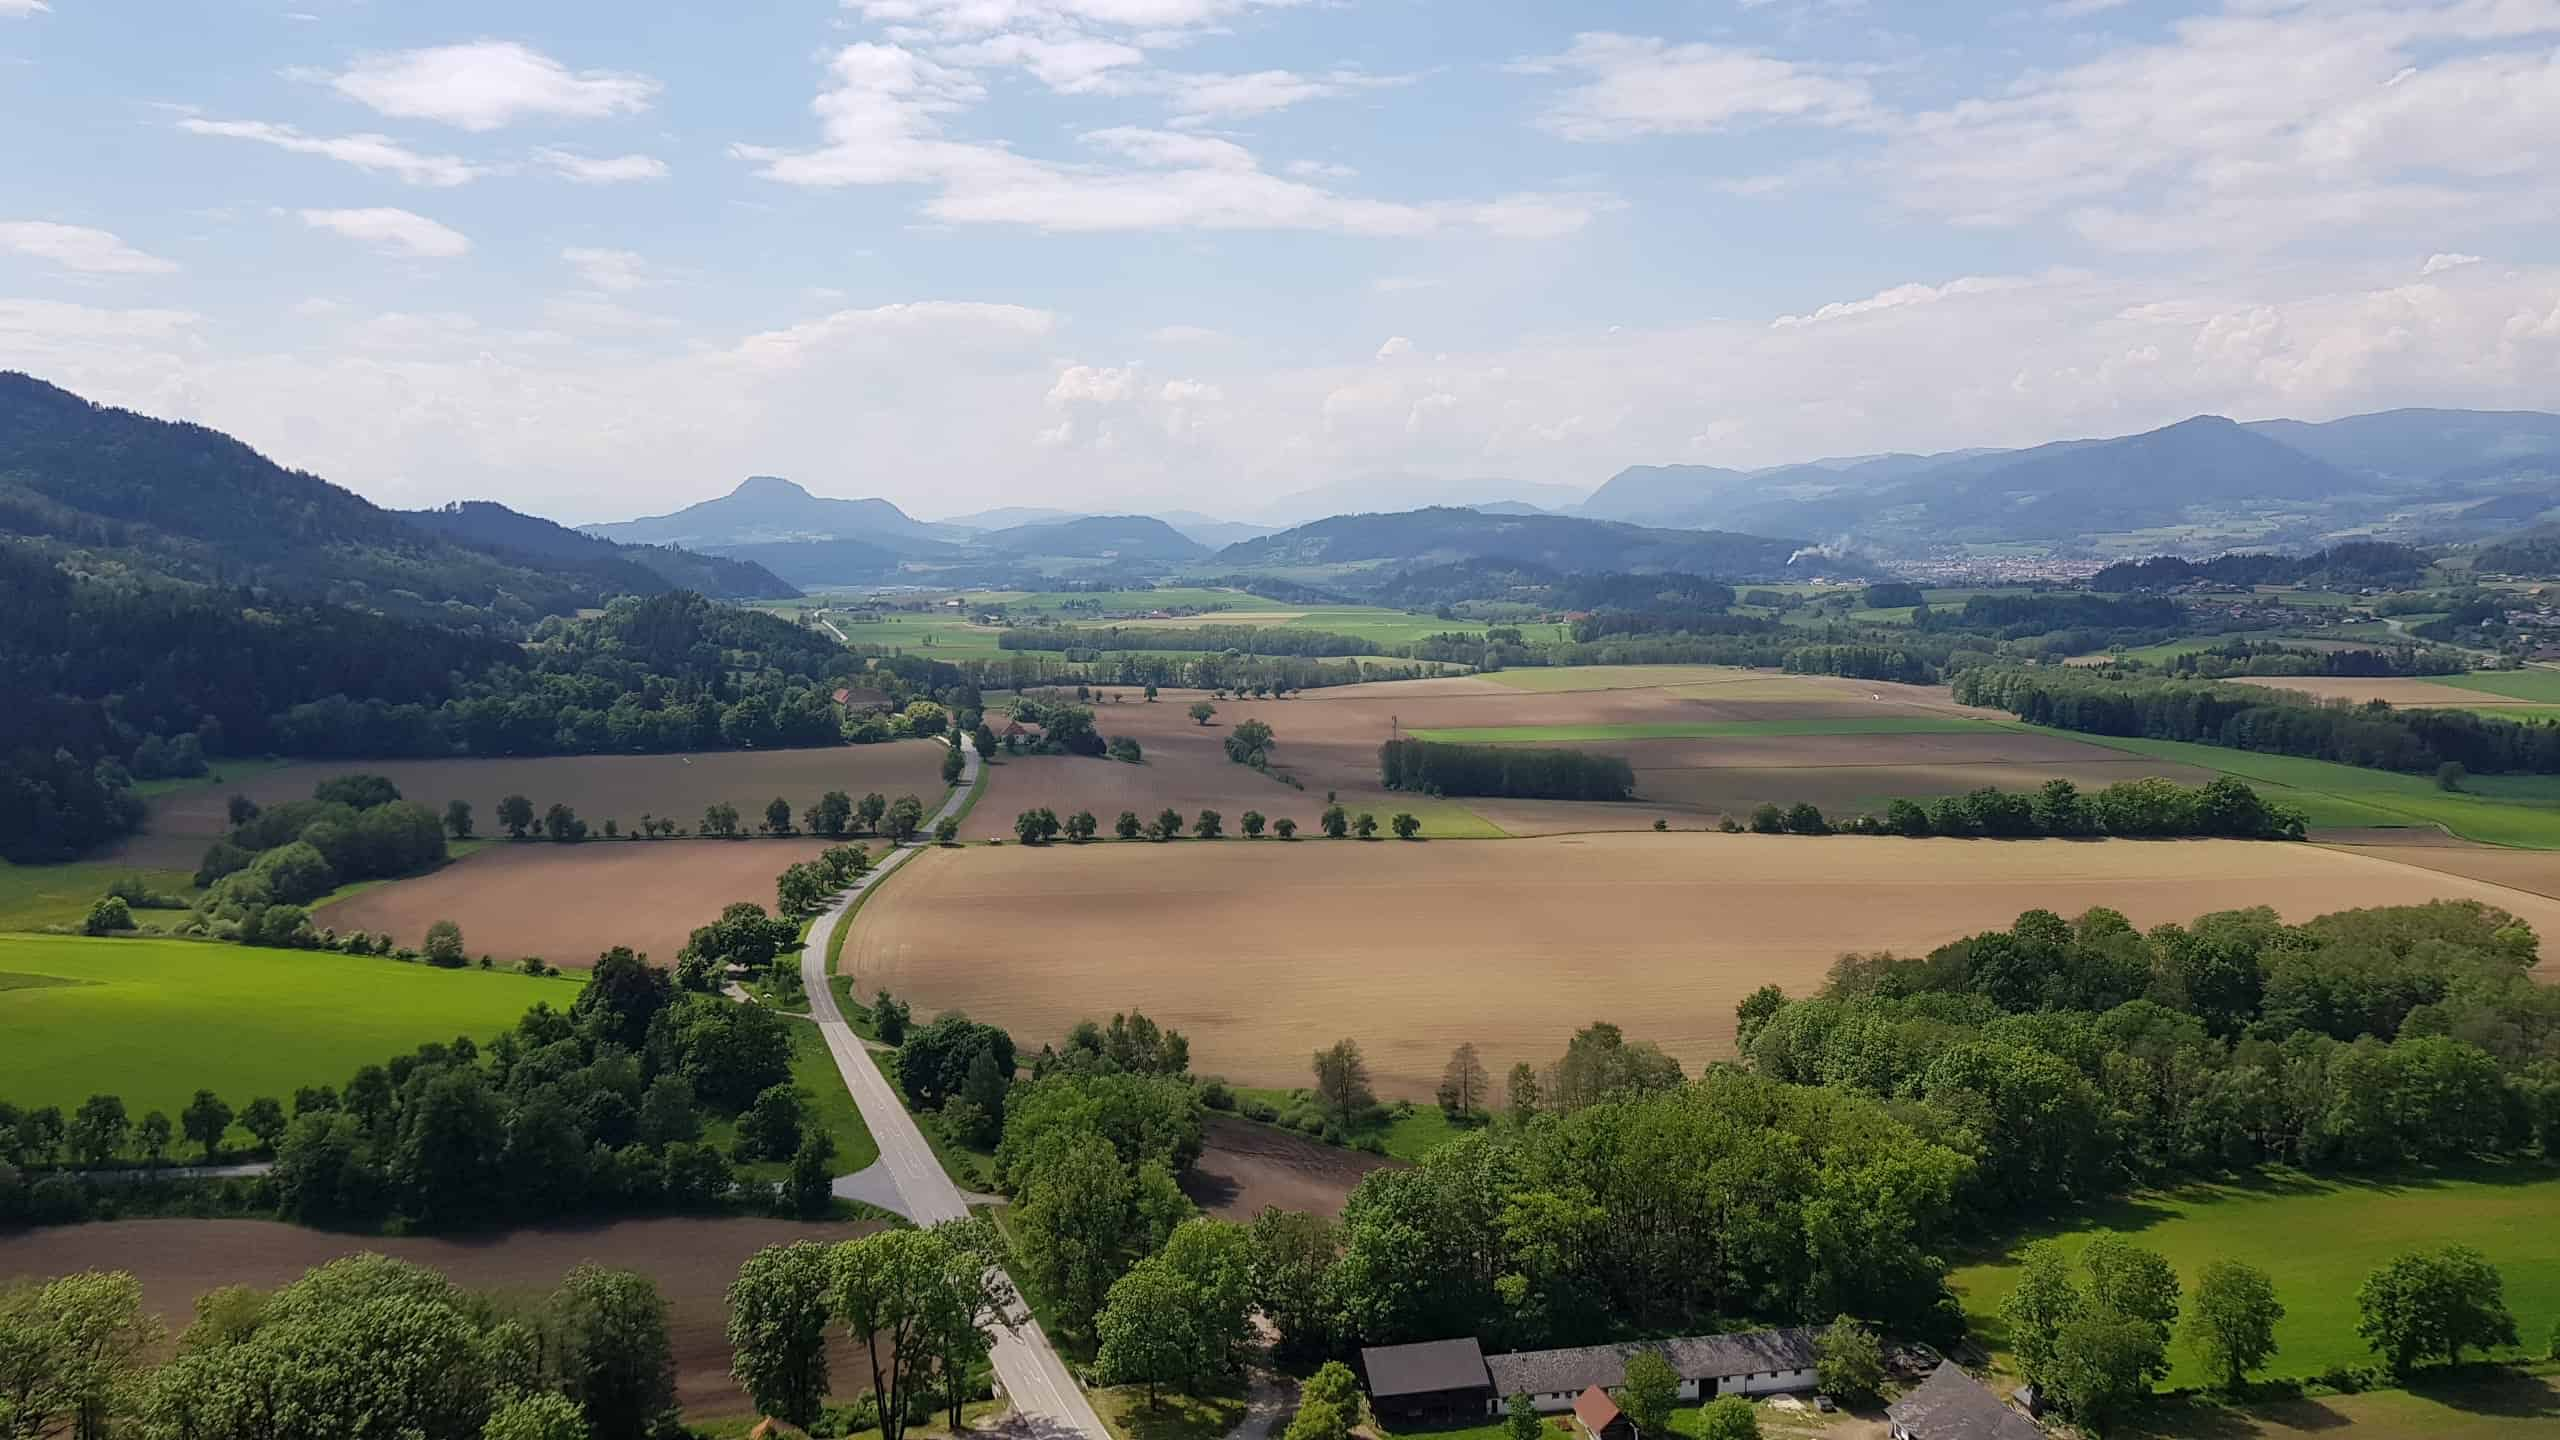 Blick auf Kärntner Landschaft bei Wanderung auf die Burg Hochosterwitz in Österreich